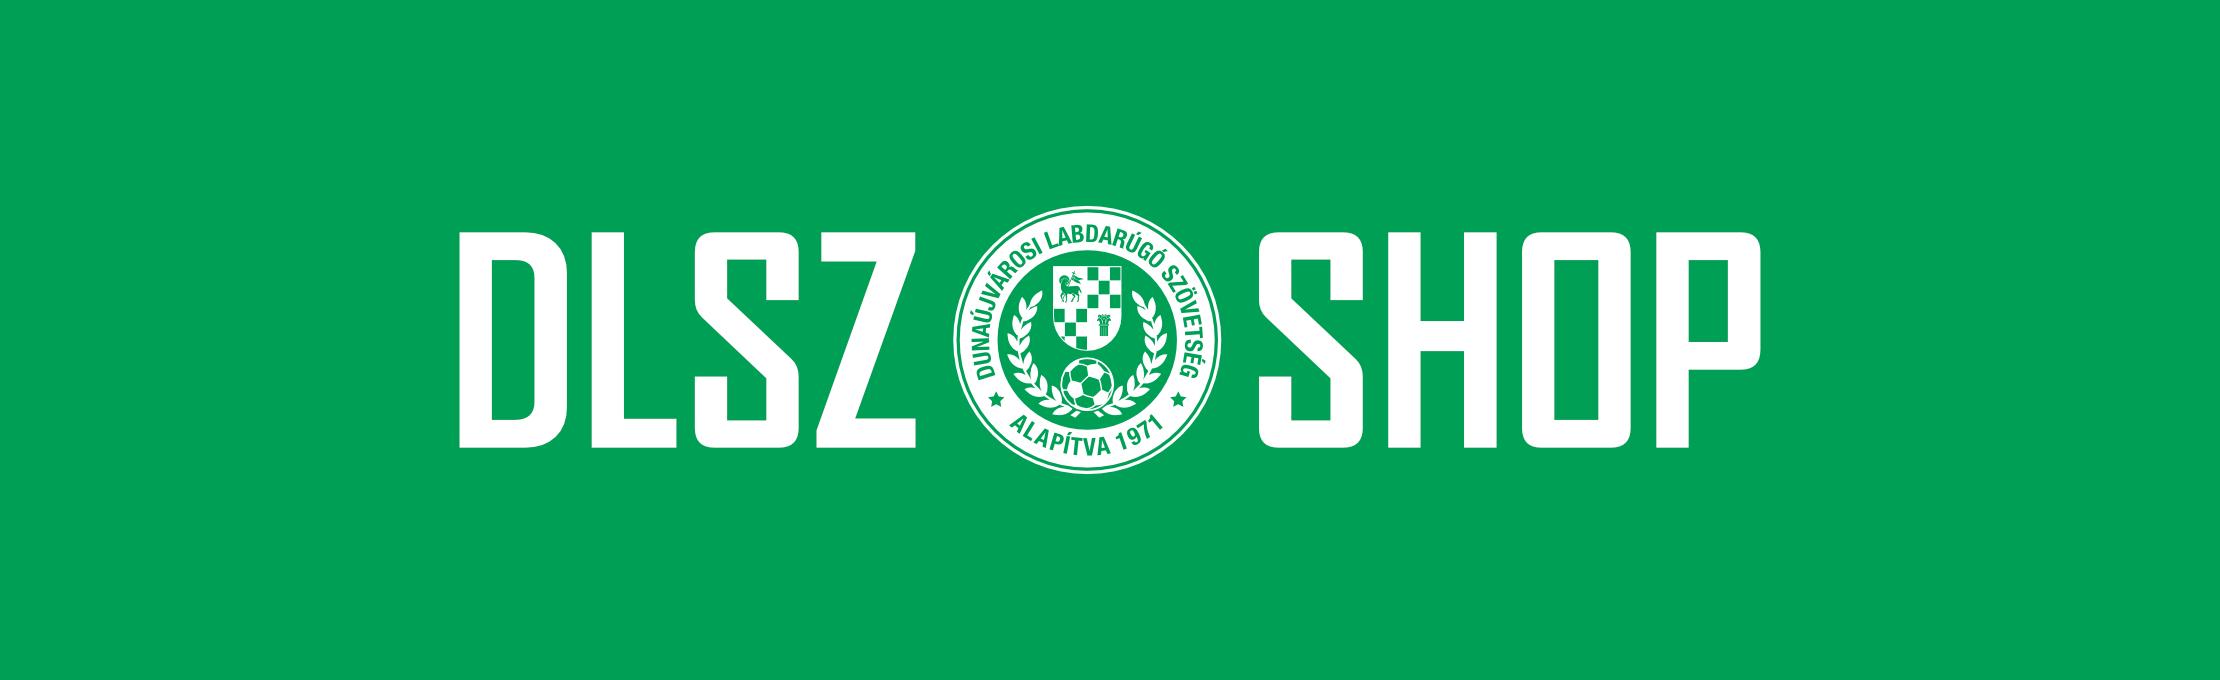 DLSZ SHOP